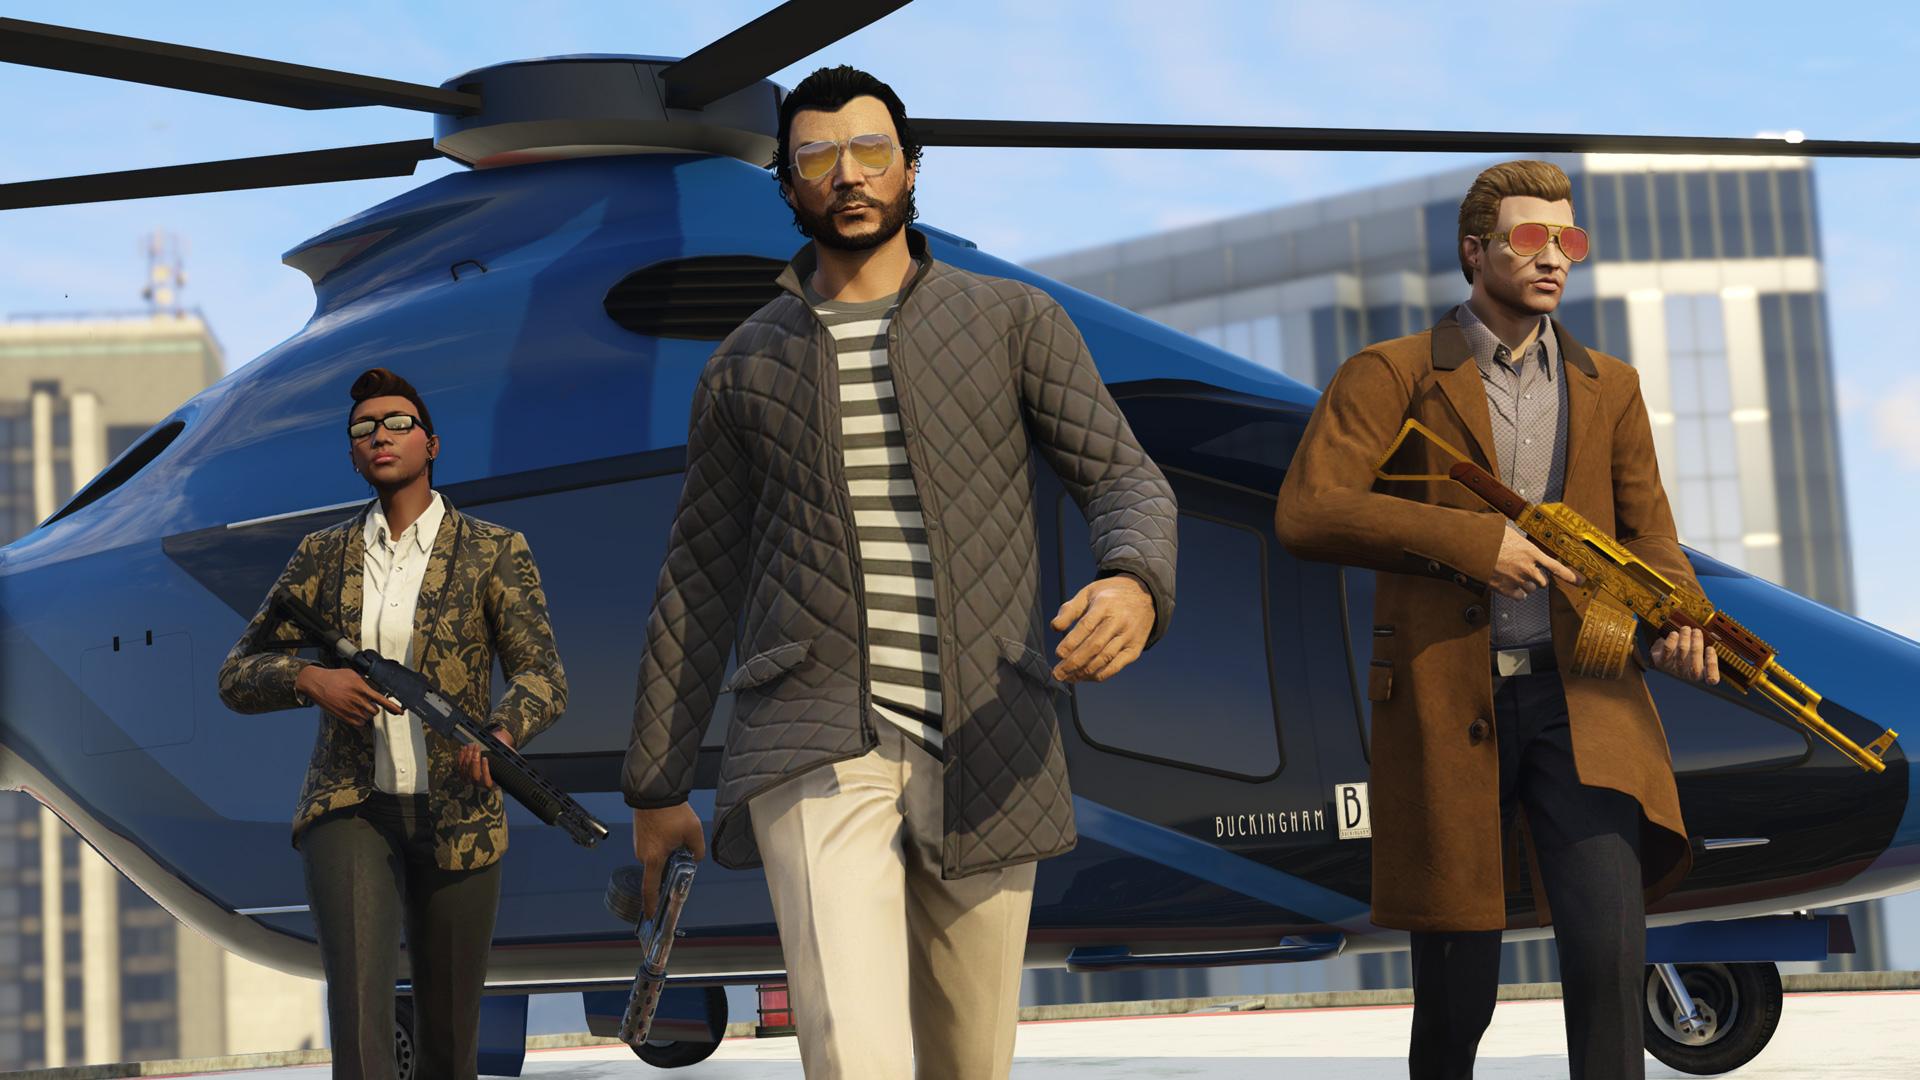 GTA Online monta a onda de sucesso e em dezembro quebrou o recorde de  usuários ativos »Vamos falar sobre videogames